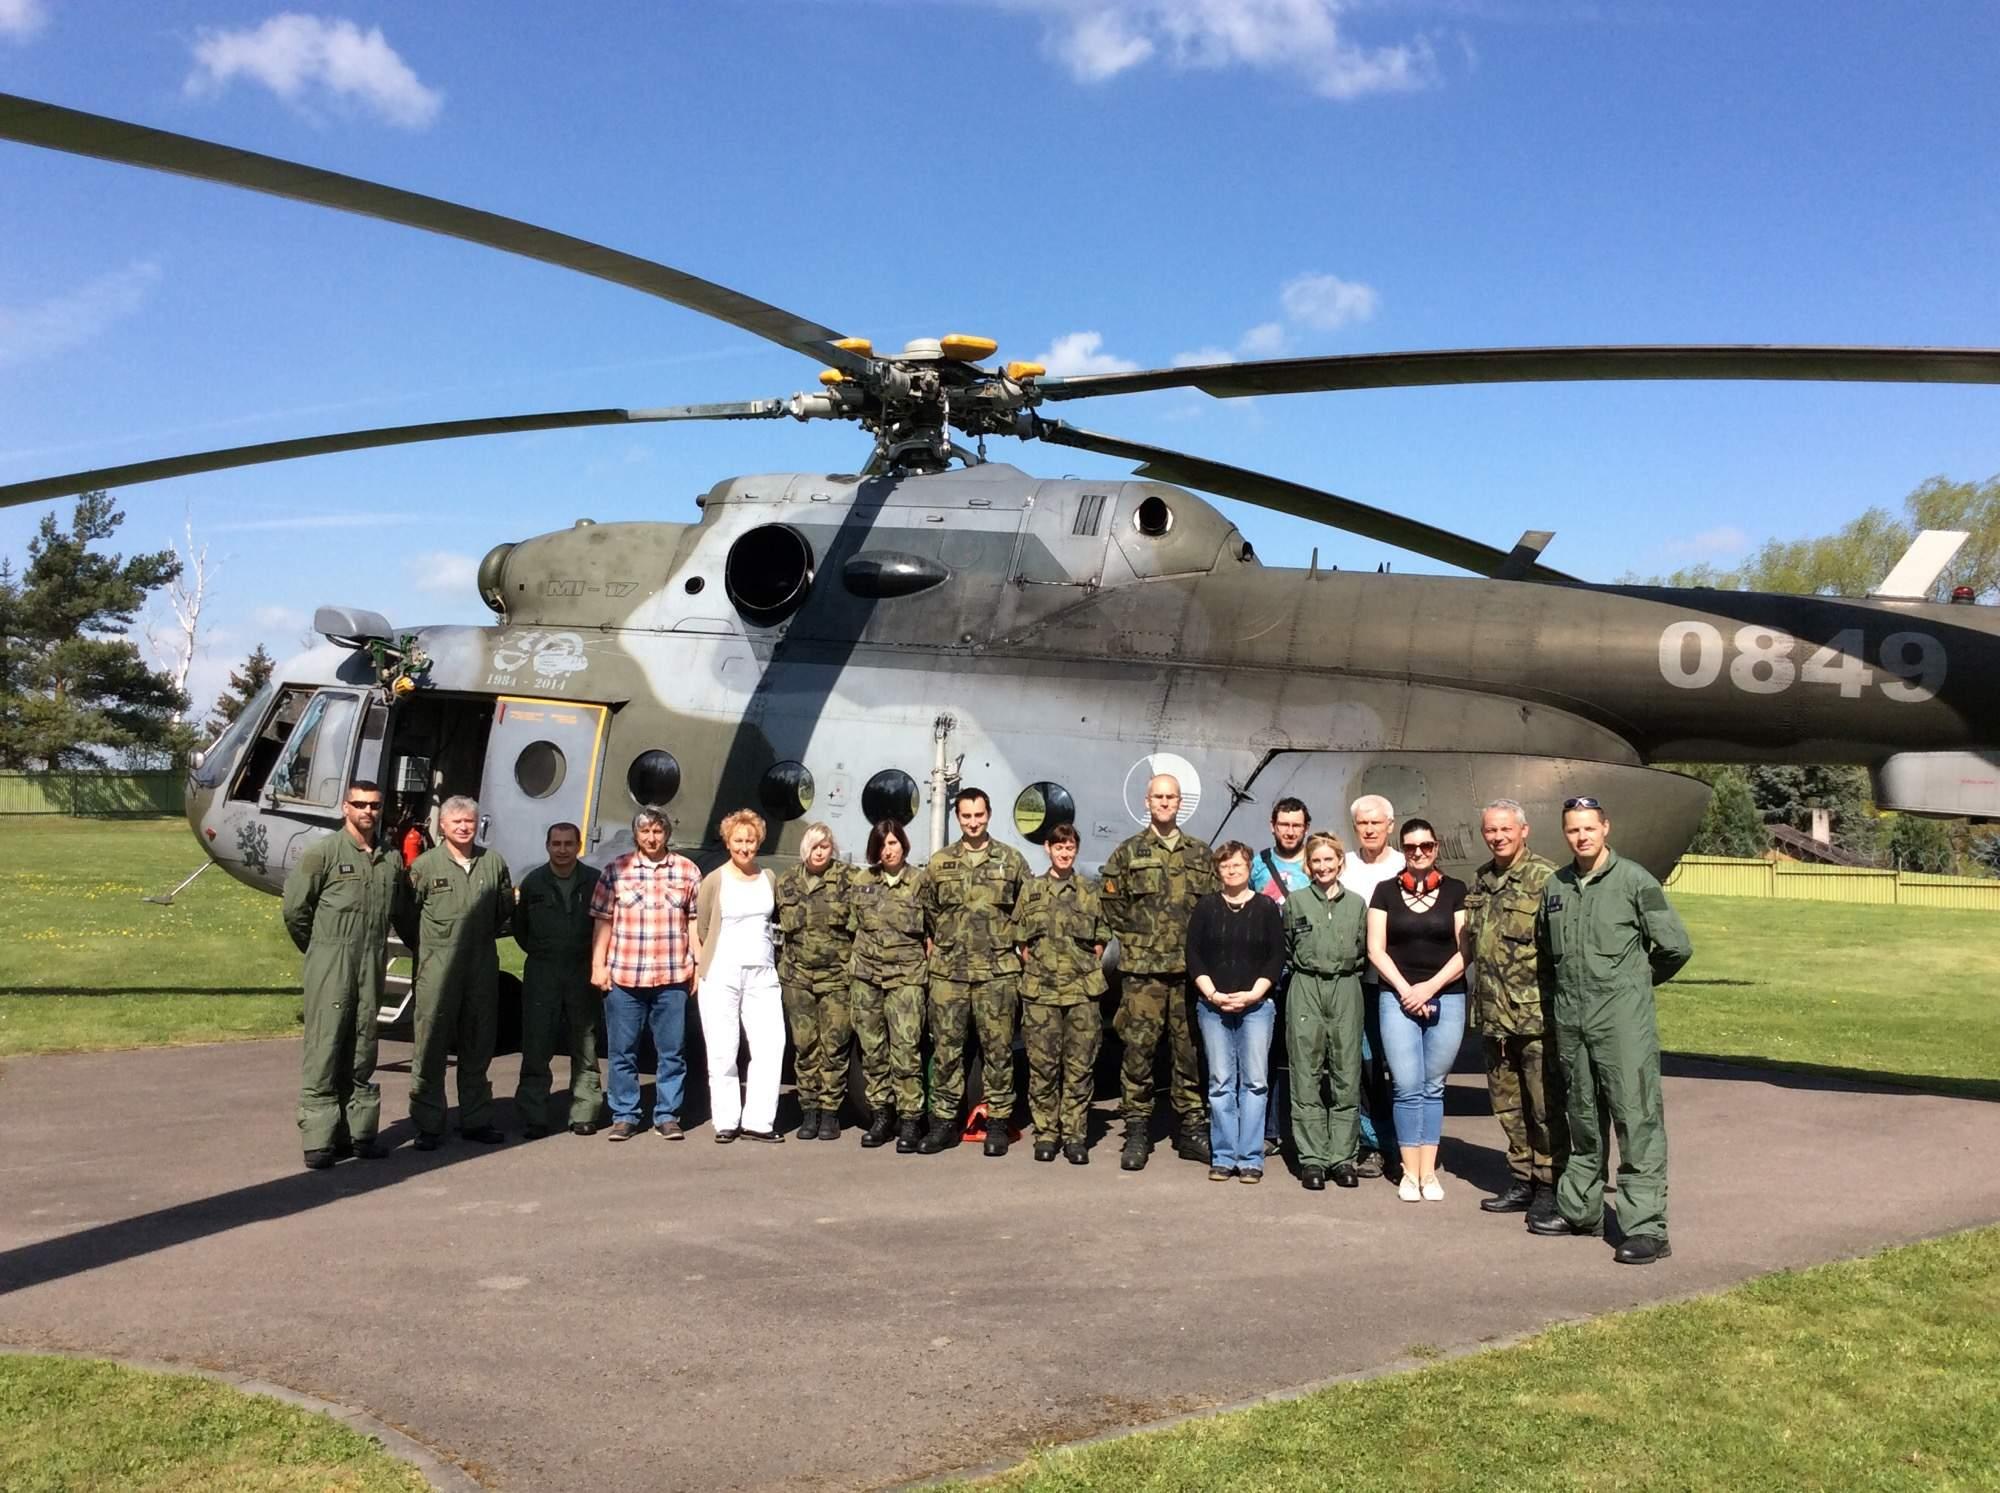 Specialisté SÚRO, vojenští chemici, piloti. K měření radiace používají odborníci citlivý přístroj IRIS, připevněný na palubě vrtulníku Mi-17